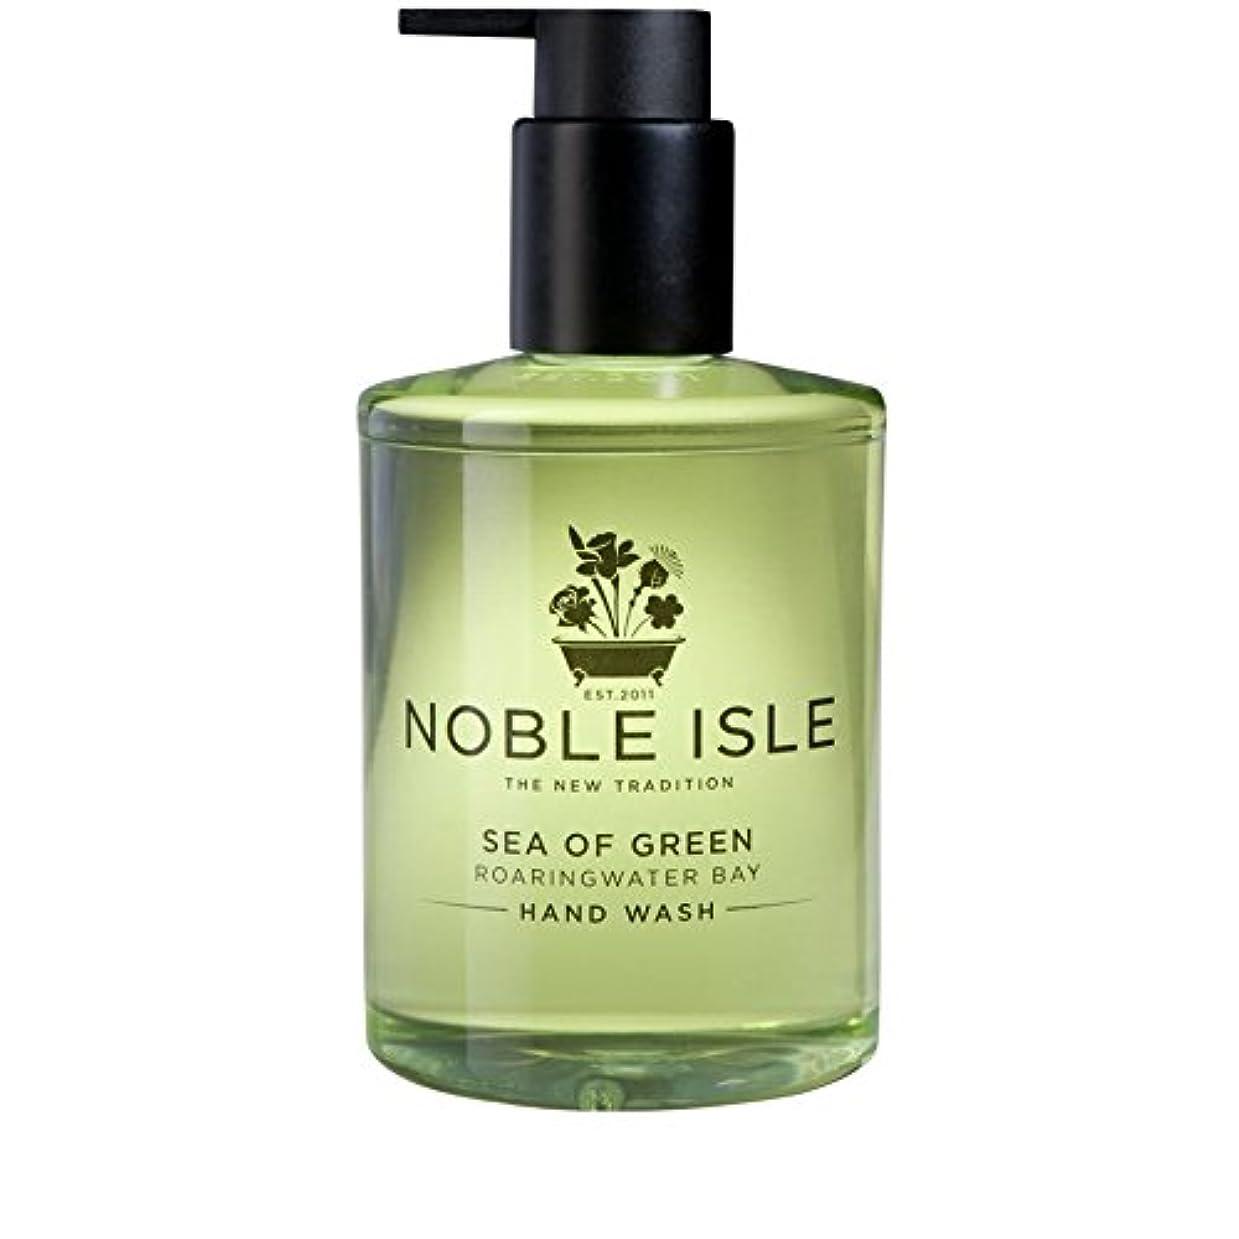 インスタンス砲撃差し控える緑ベイハンドウォッシュ250ミリリットルの高貴な島の海 x2 - Noble Isle Sea of Green Roaringwater Bay Hand Wash 250ml (Pack of 2) [並行輸入品]